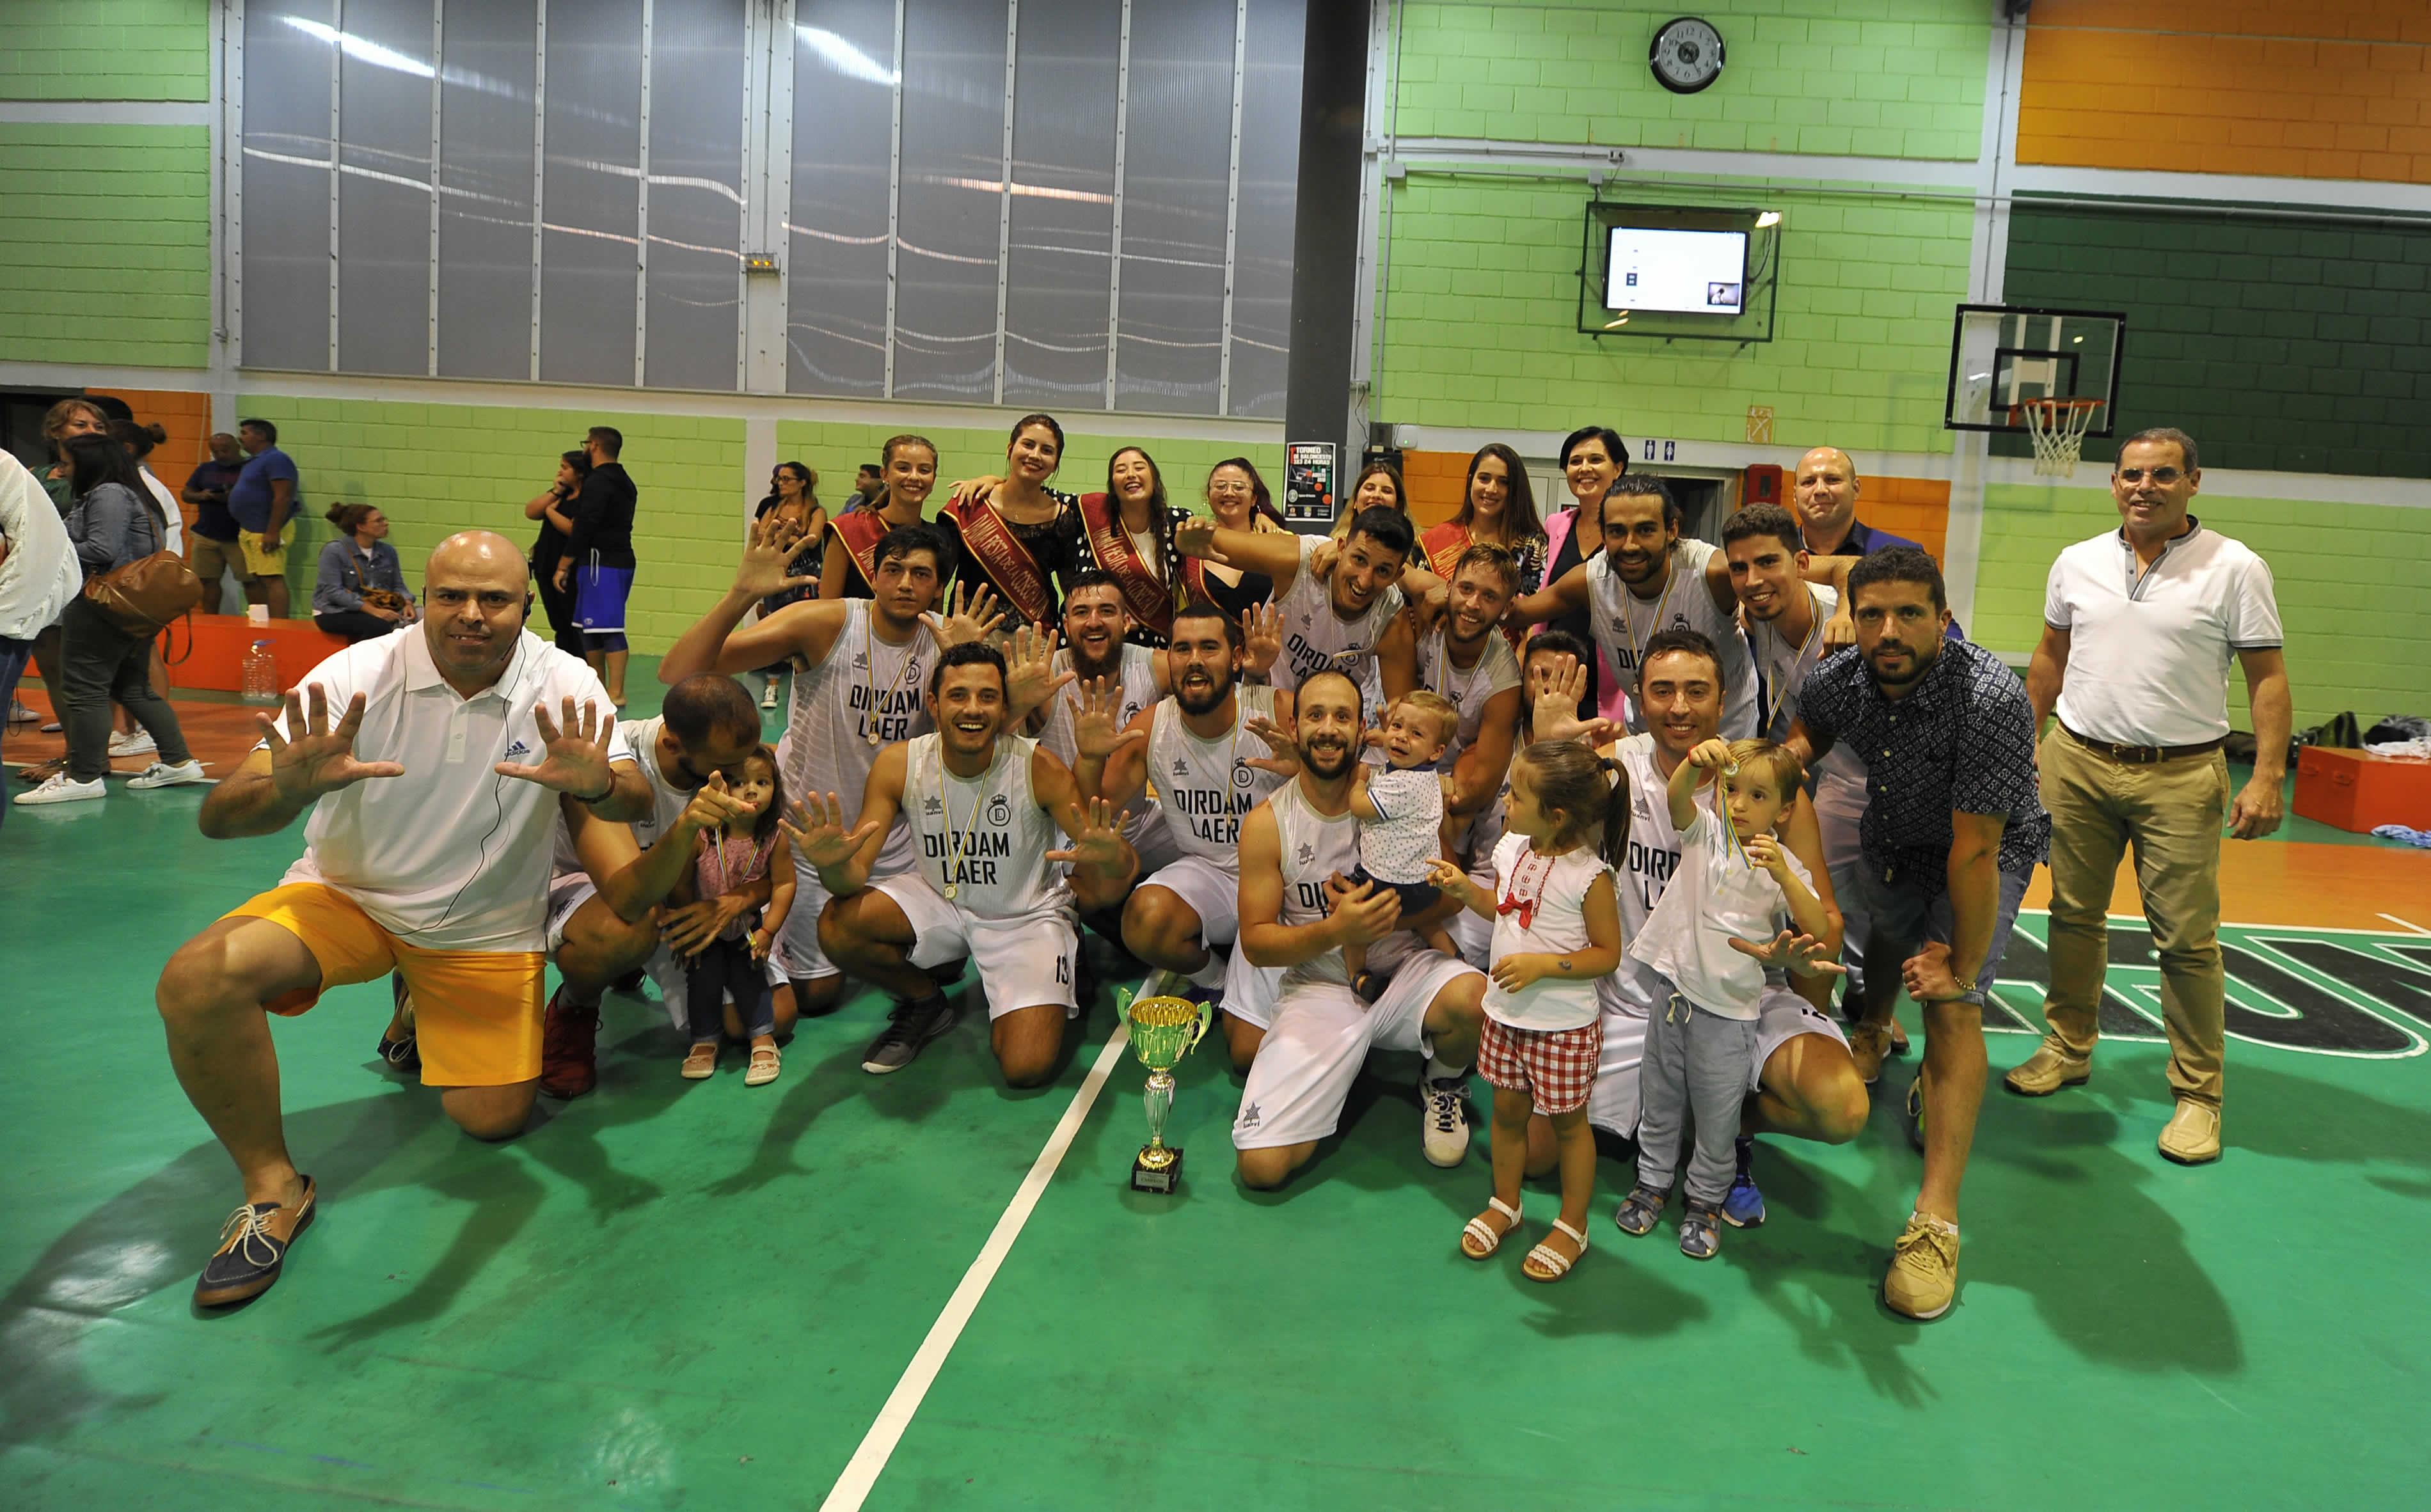 Gran final del Torneo de Verano de Baloncesto de La Guancha en su XXXV edición